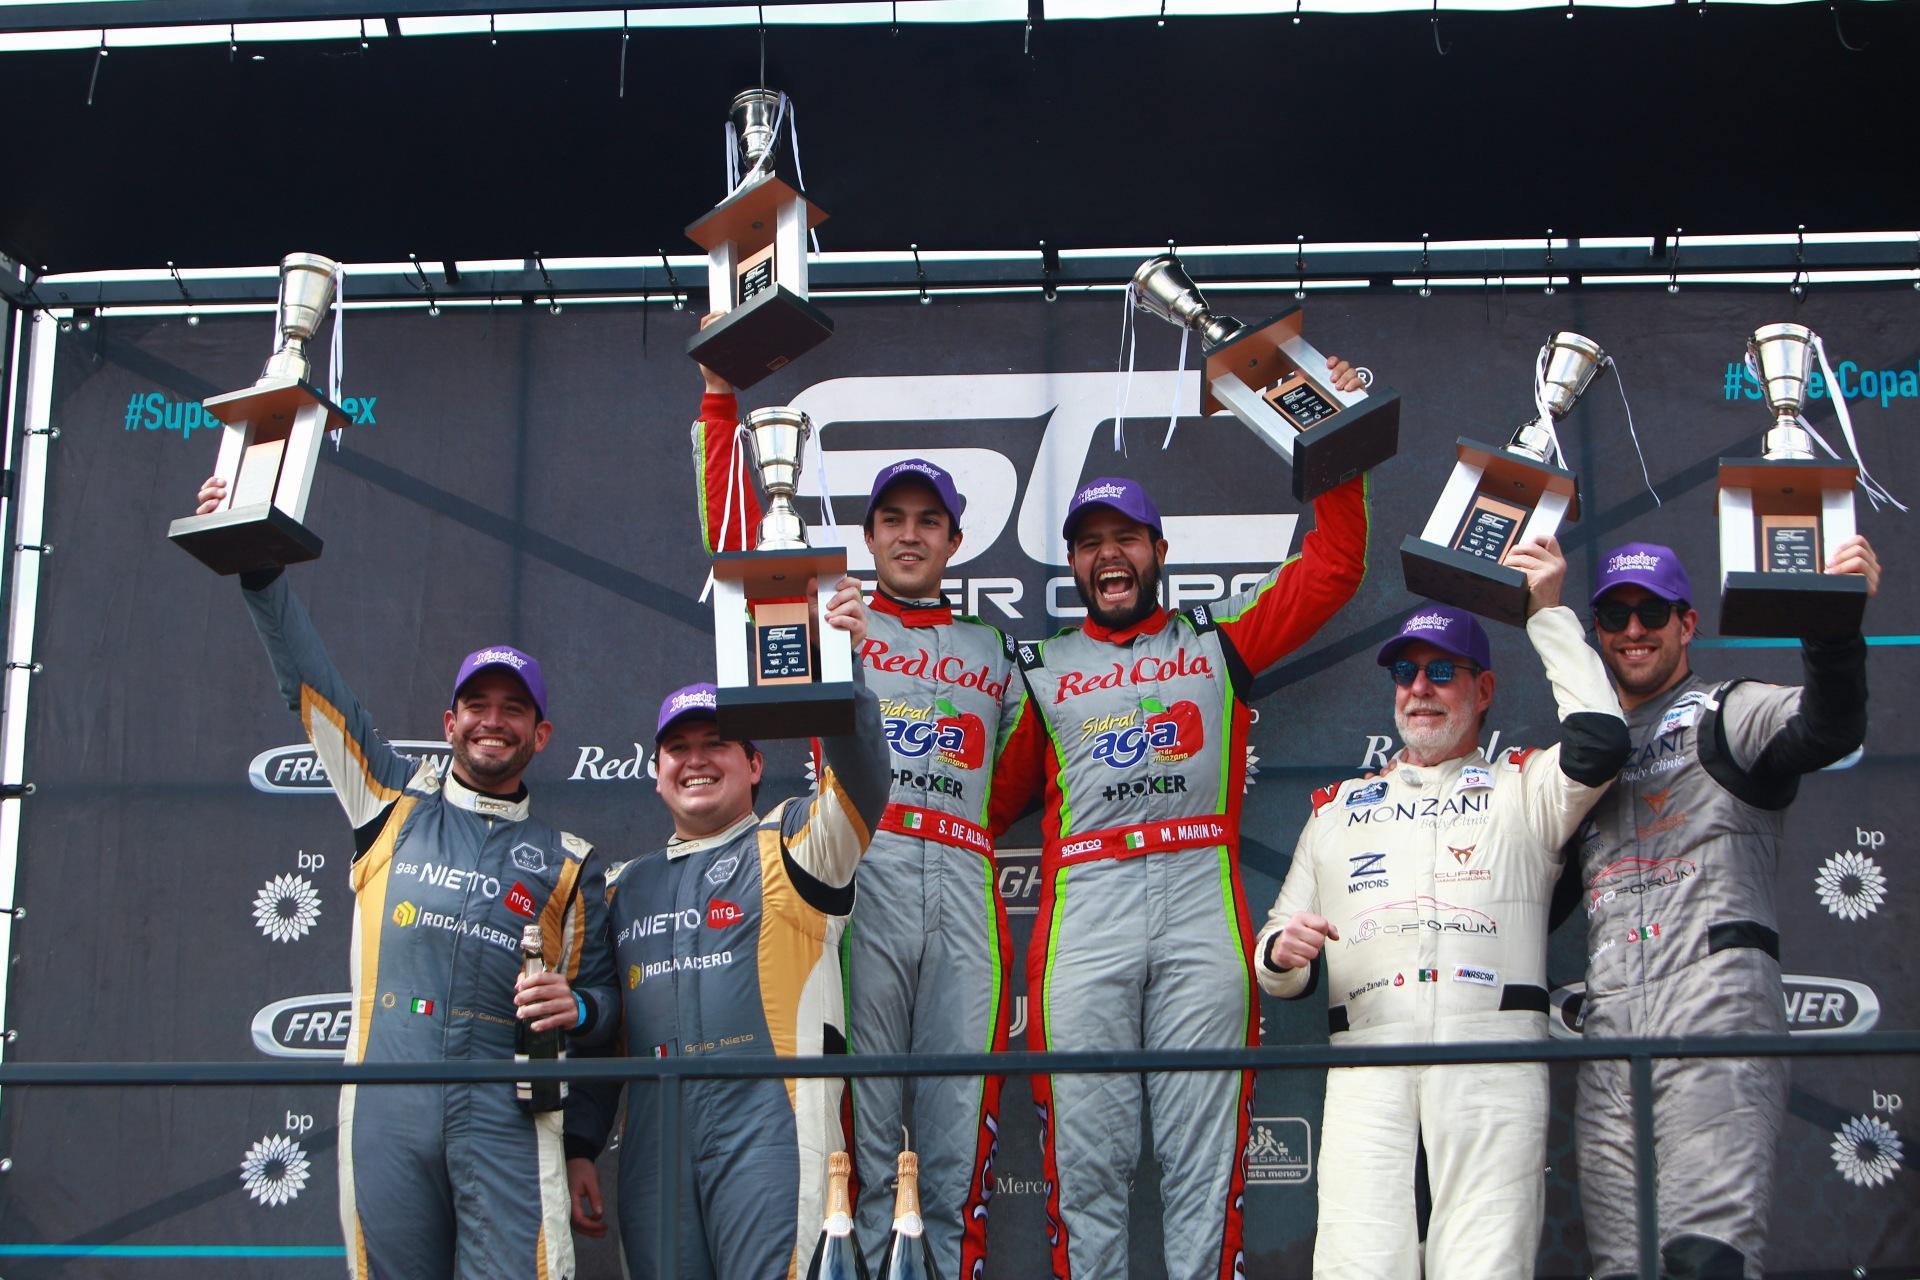 Más líderes que nunca, doble victoria para el Sidral Aga Racing Team en la Copa Mercedes-Benz